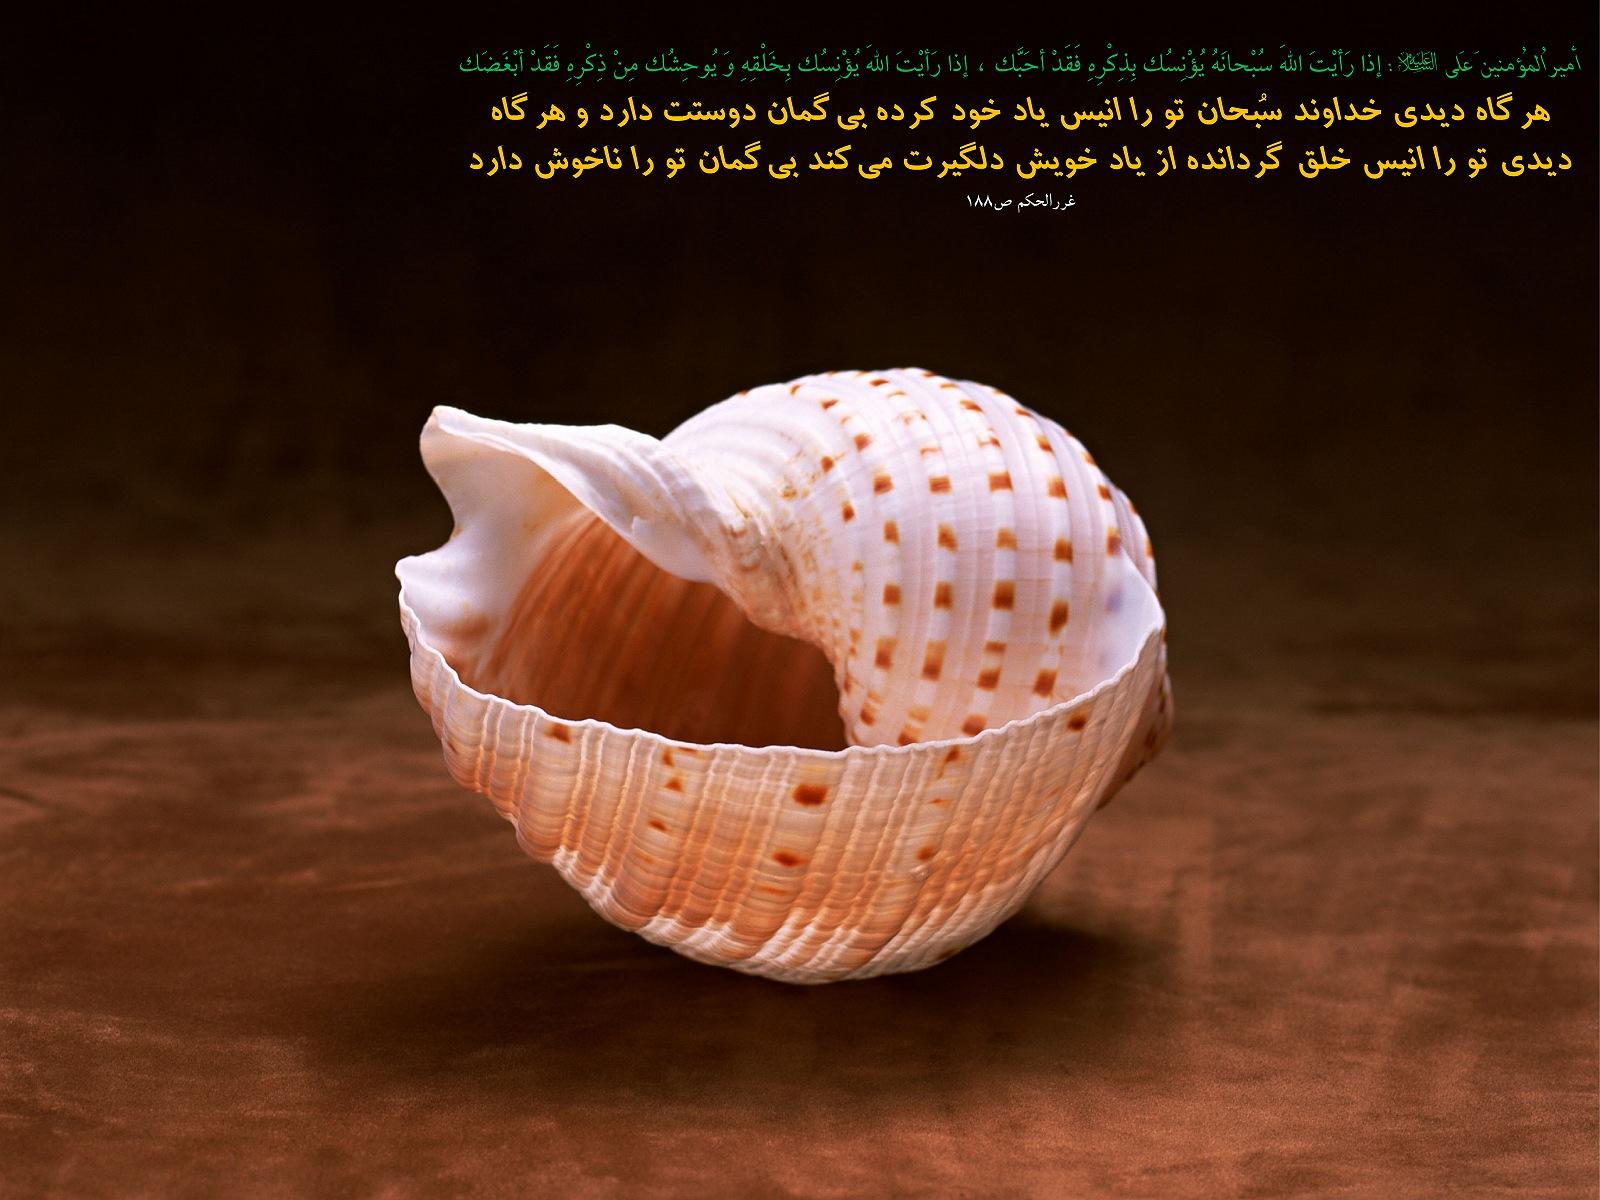 http://anti211.persiangig.com/hidith-tasviri/641Hadis%20H197.jpg